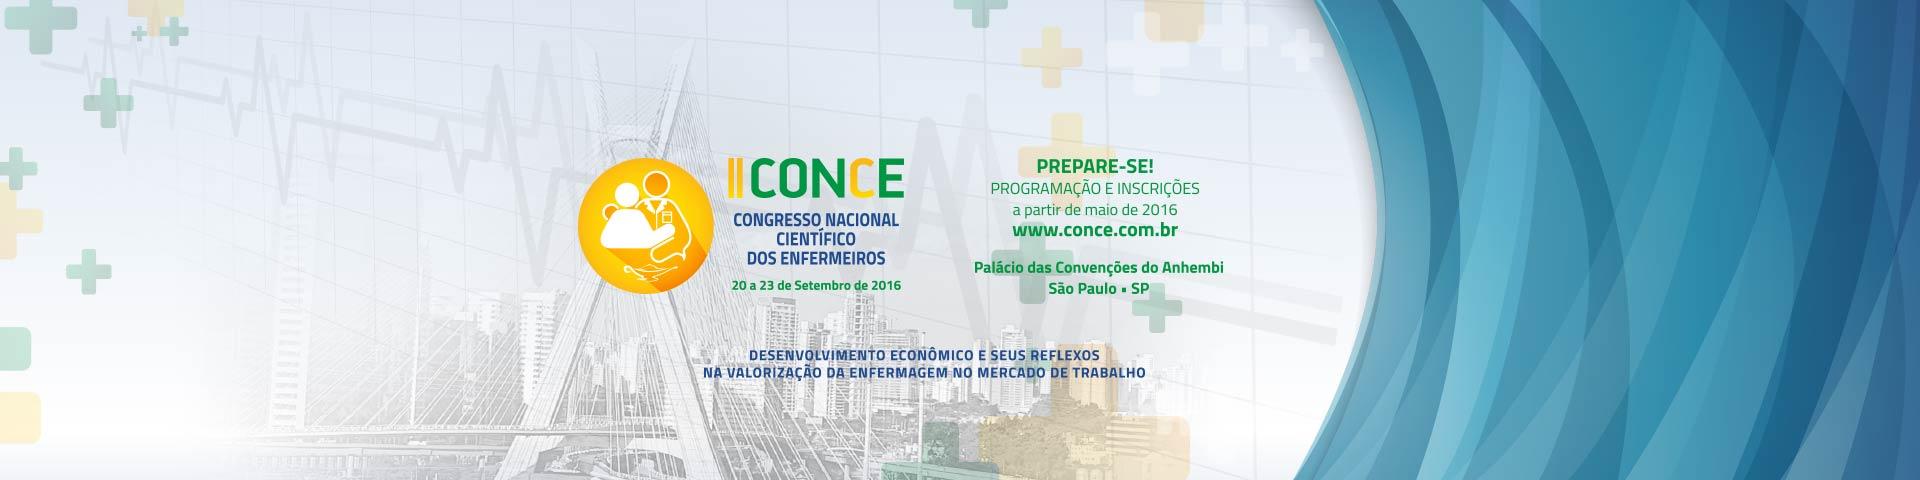 II CONCE - Congresso Nacional Científico dos Enfermeiros